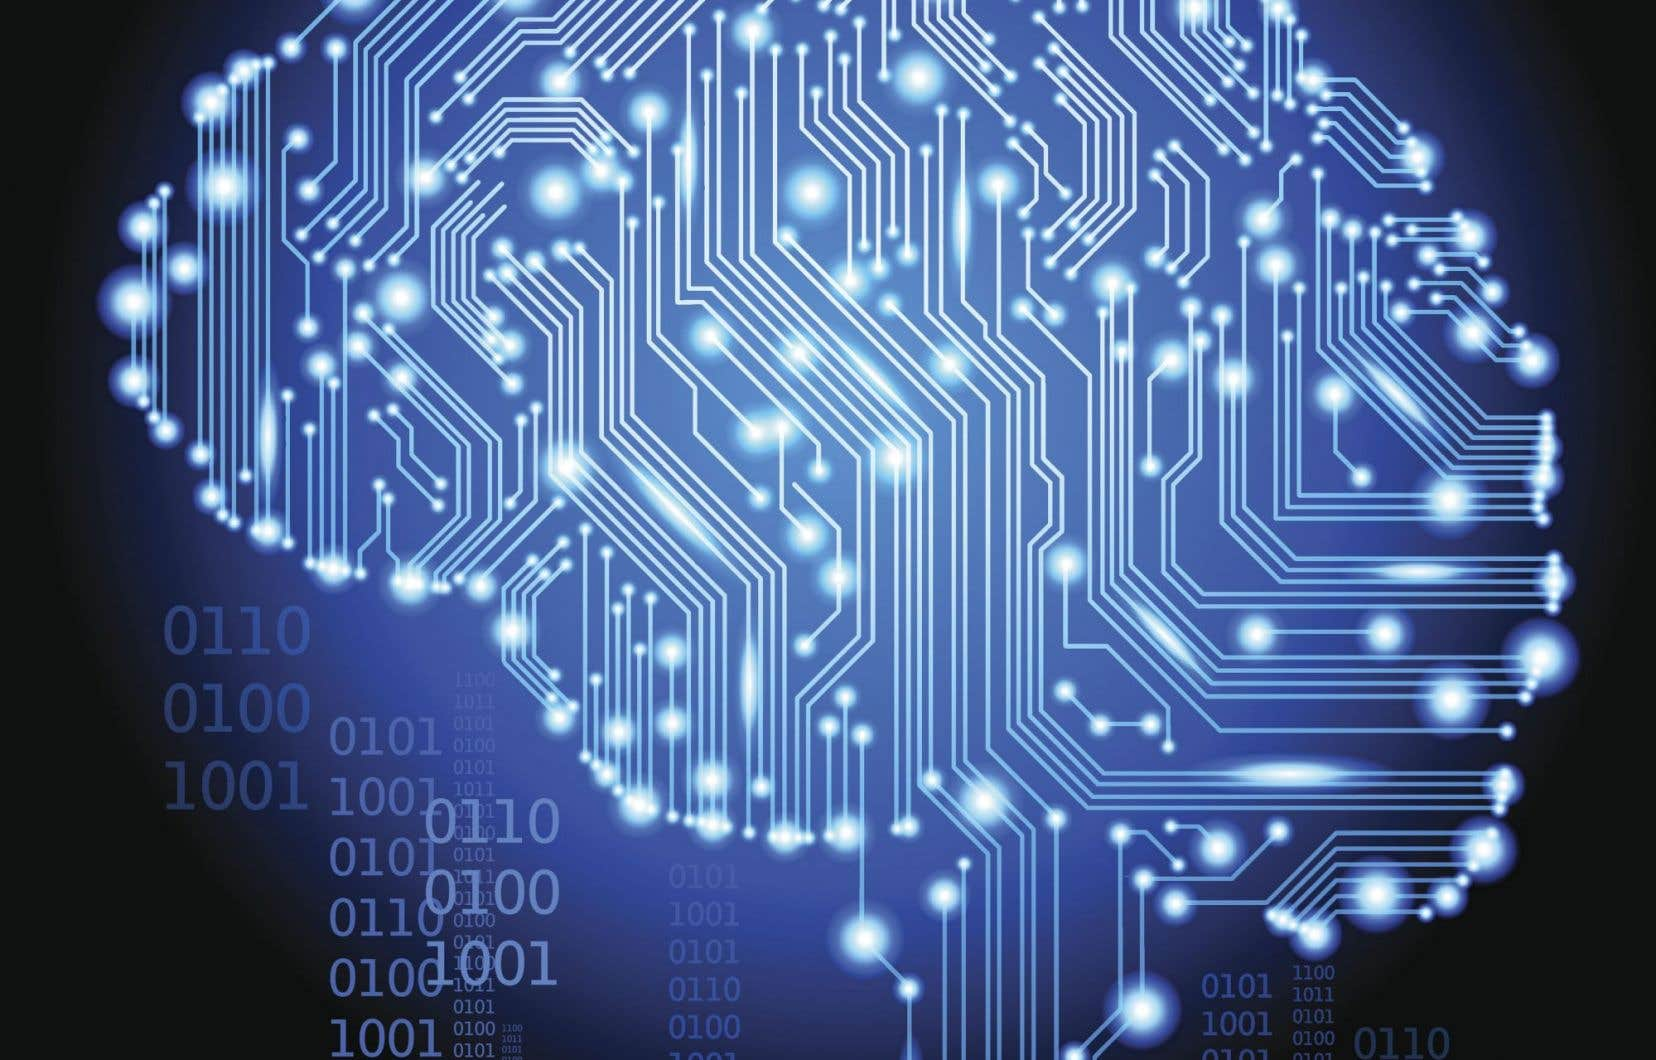 Après une longue période d'incubation, l'intelligence artificielle connaît depuis quelques années un essor fulgurant.